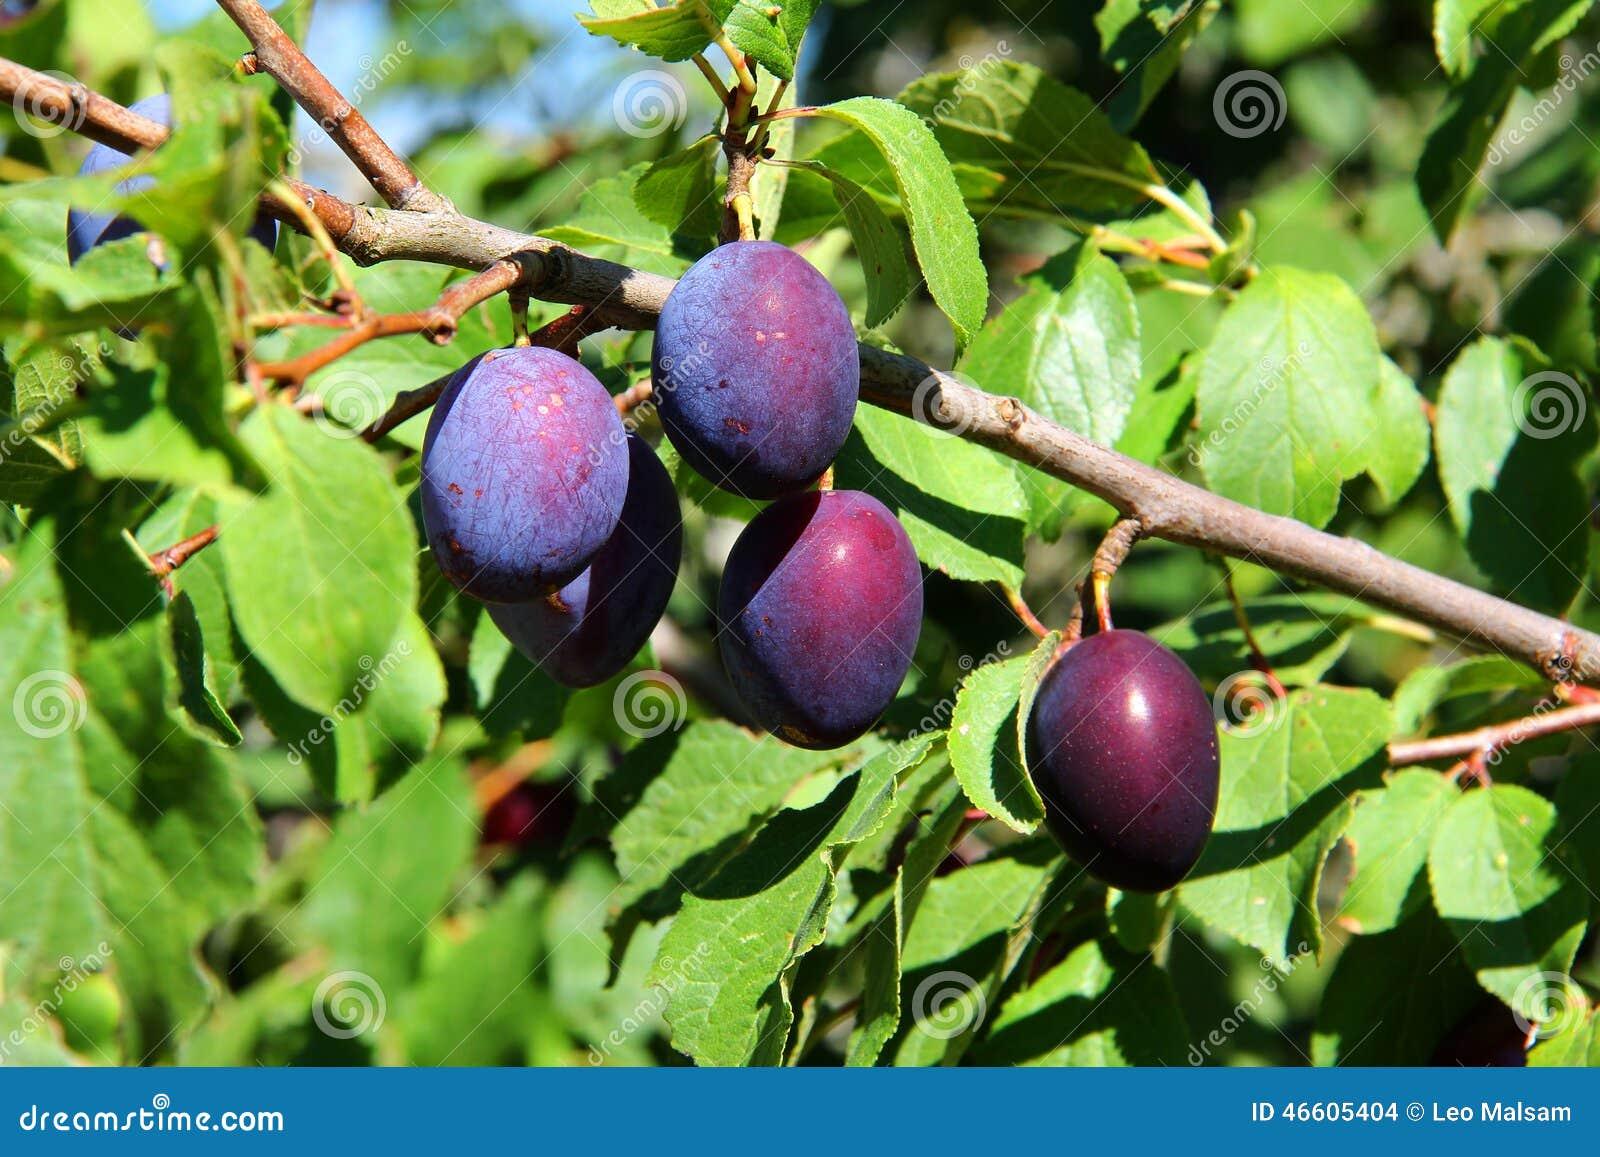 Früchte des Pflaumebaums